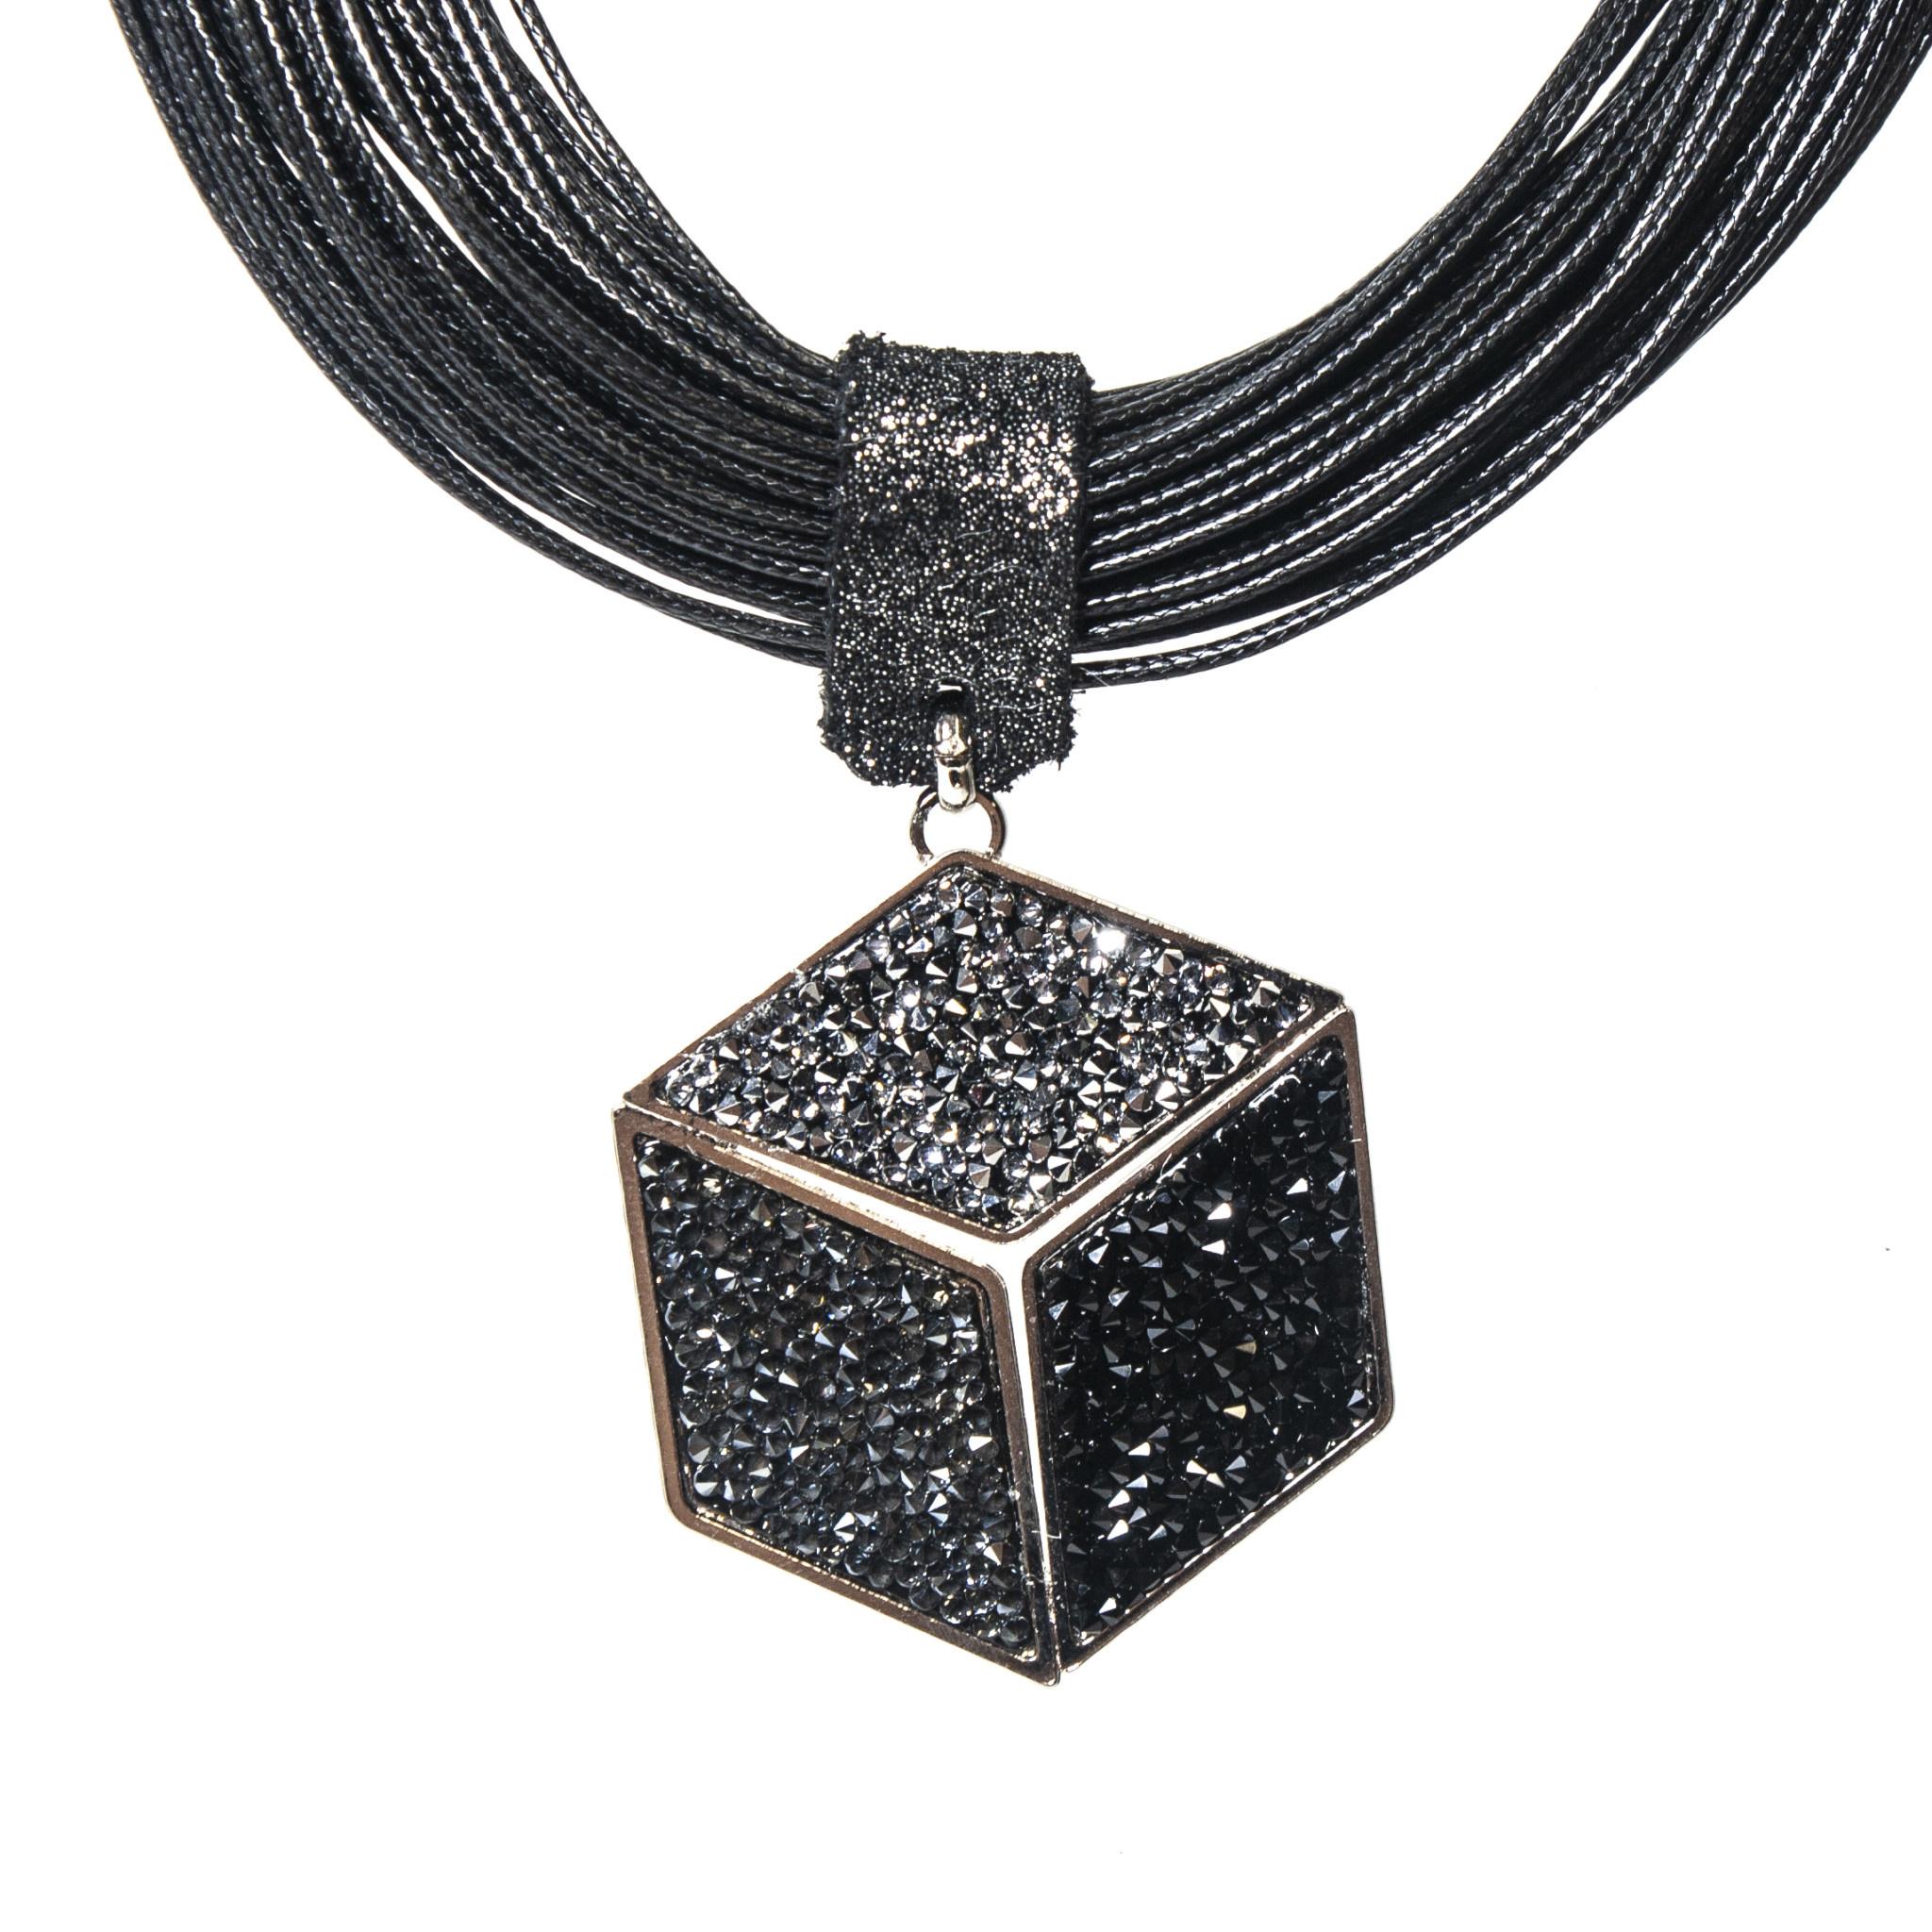 Zzan Jewelry Zzan Jewelry Sia Necklace